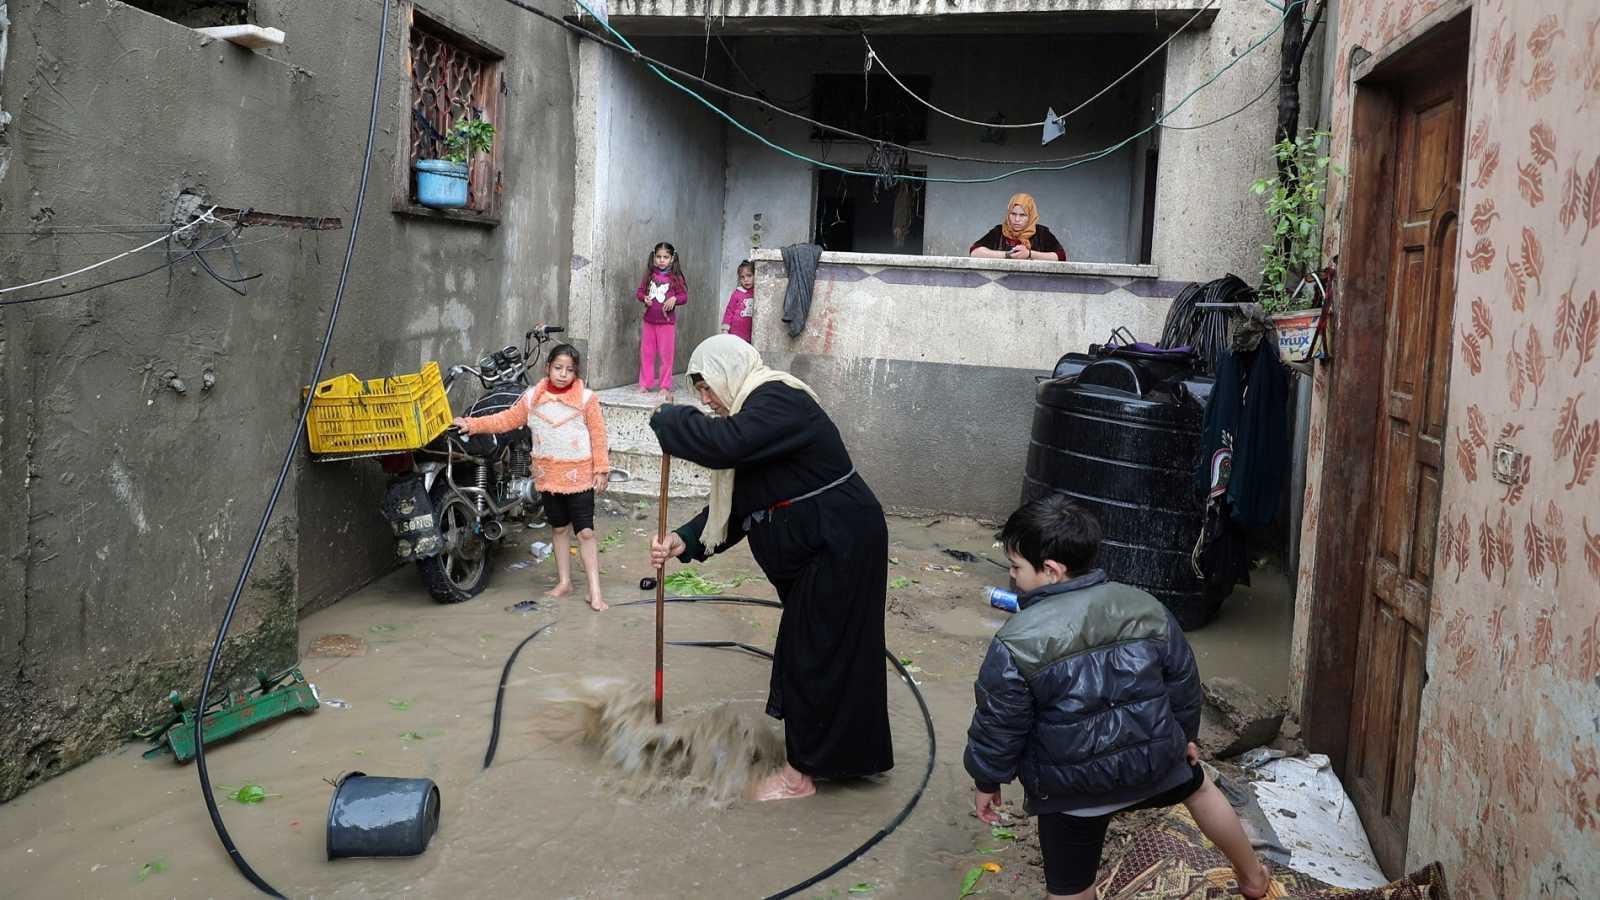 Los palestinos de Gaza sufren tras más de una década de bloqueo israelí